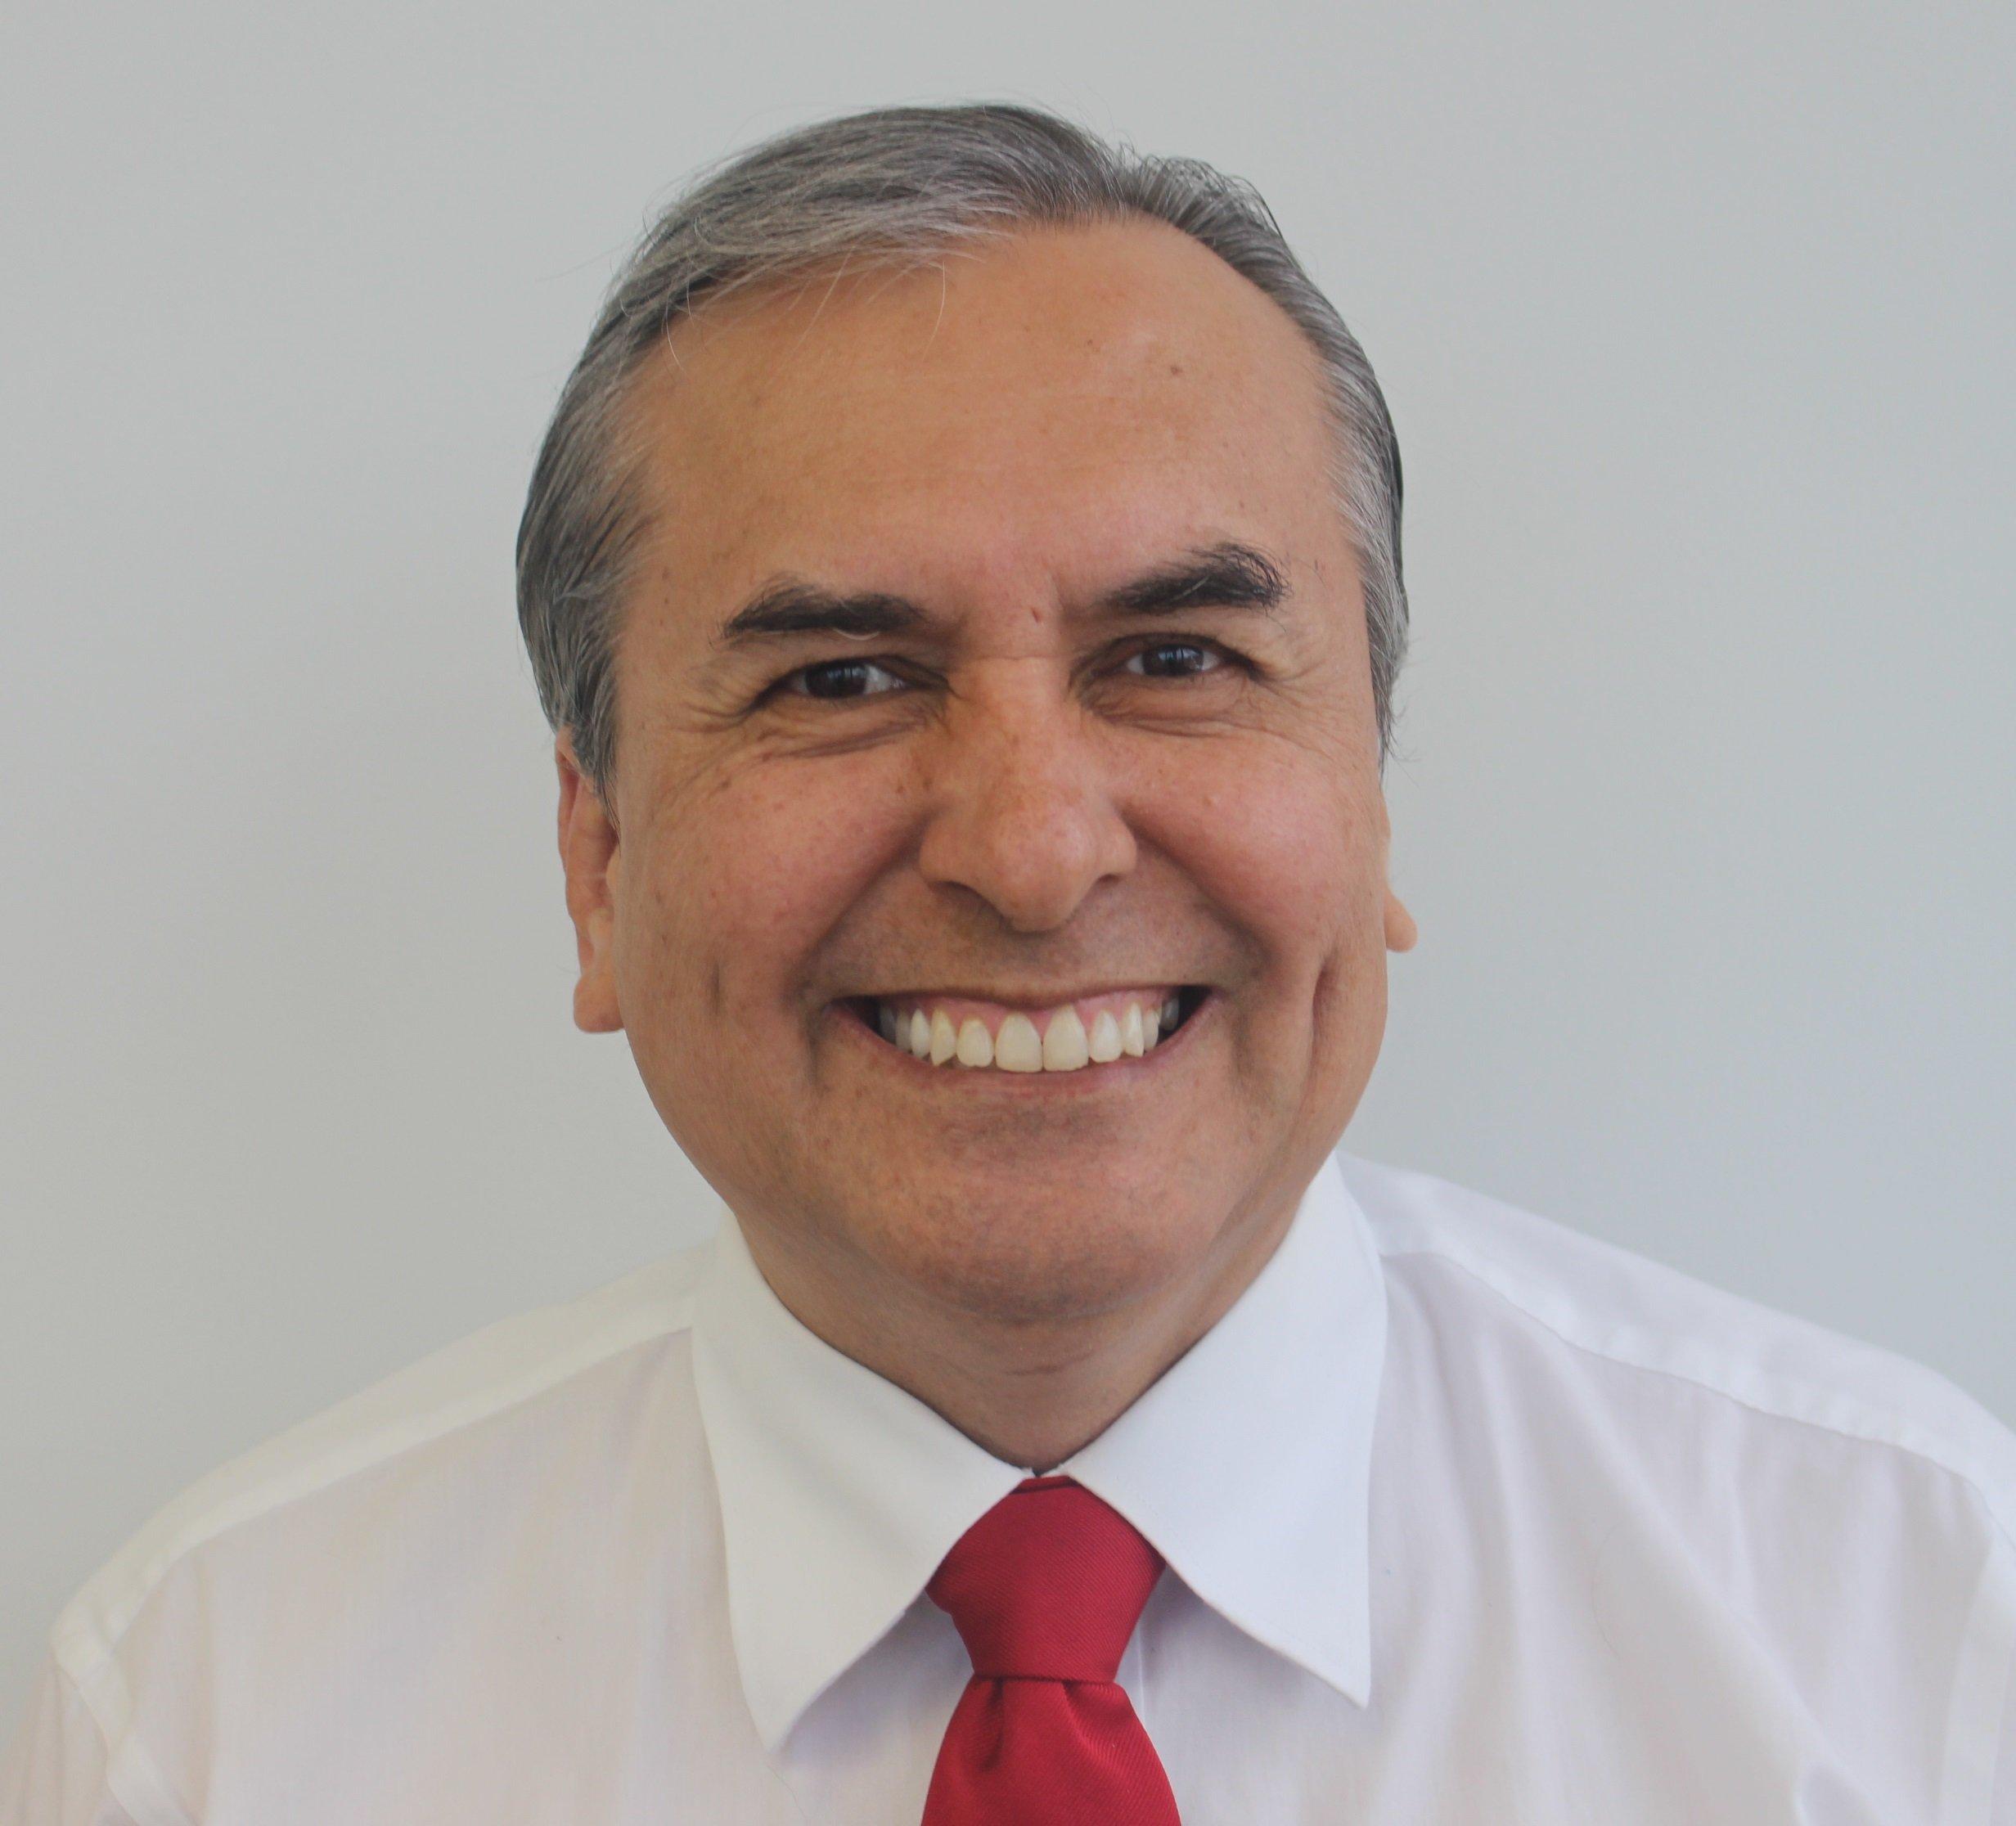 Benjamin Rodriguez D.D.S of Aloha Dental Center